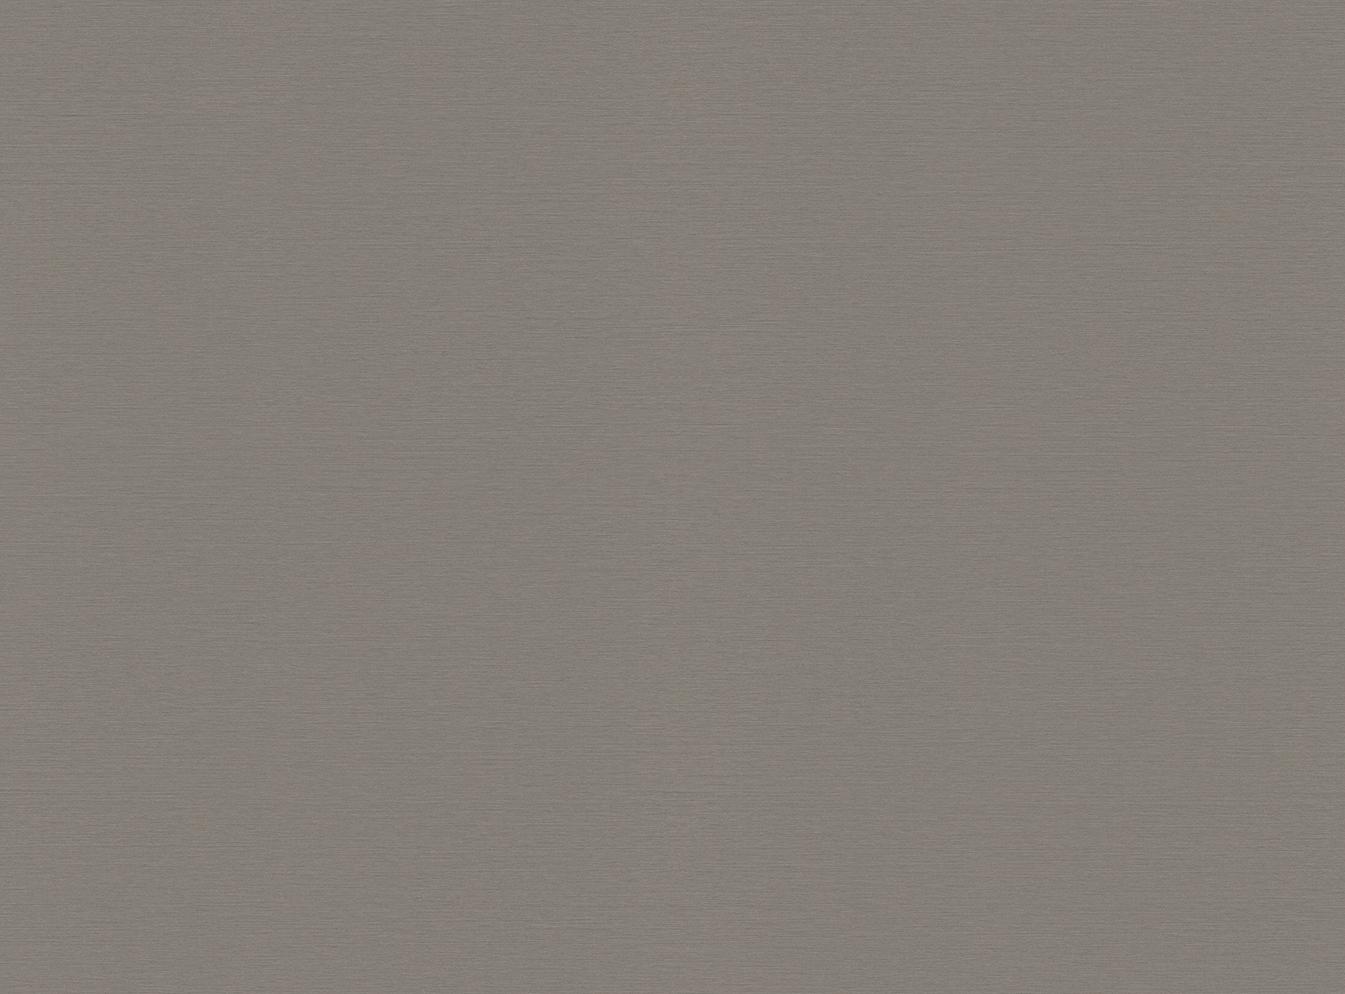 Лента AБC FB63 23/1 Reflex